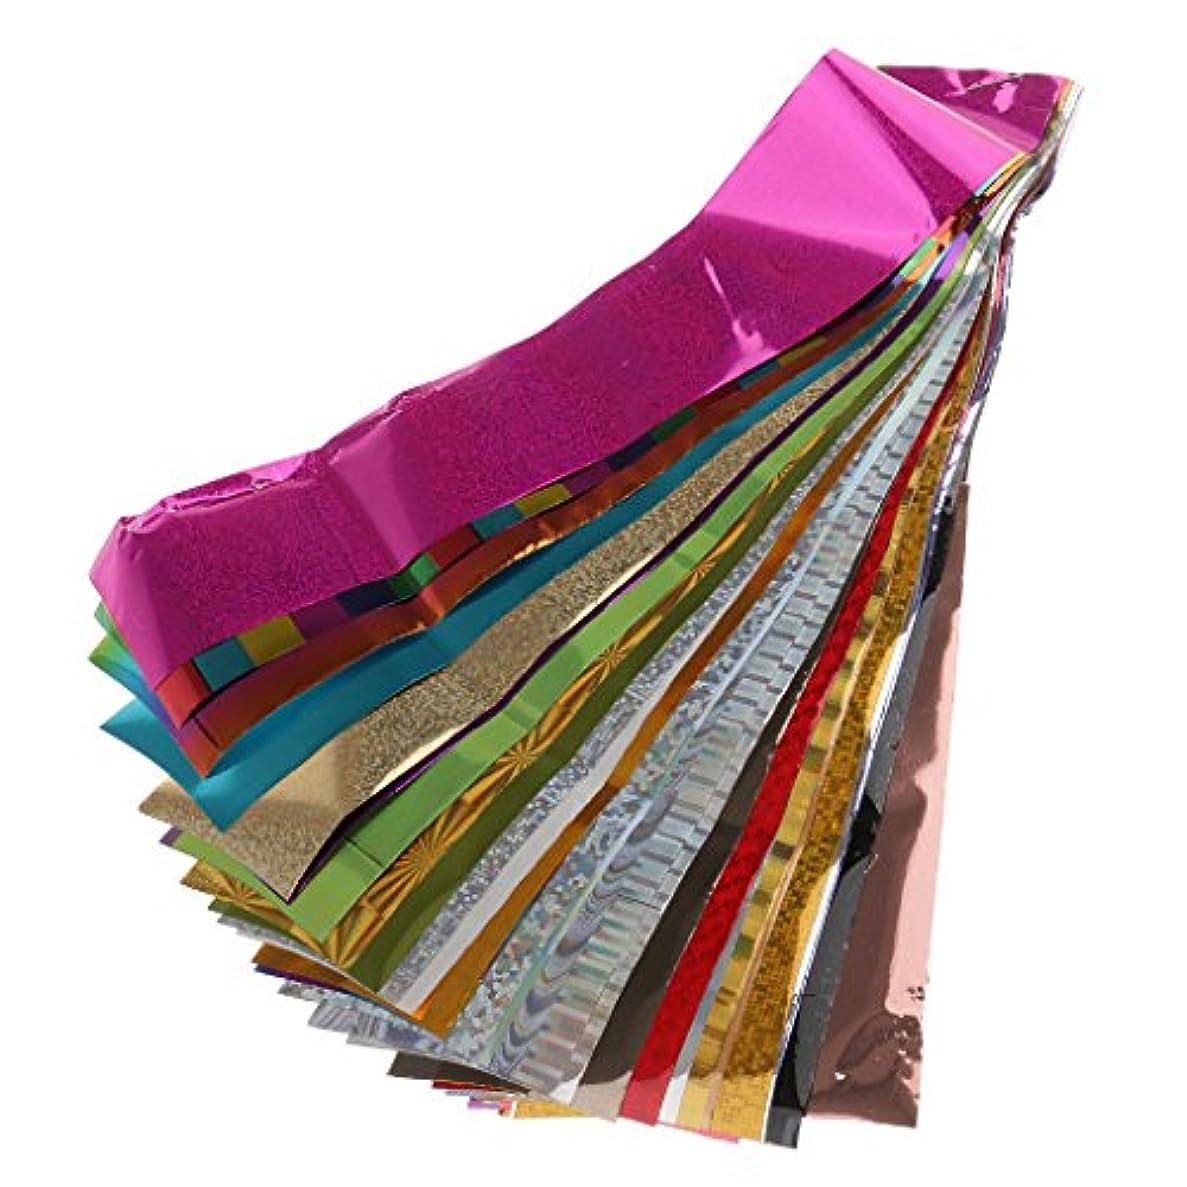 拡散するストロー顎Perfk 50個/セット 爪 転送箔 キラキラ ネイルアート ステッカー デカール DIY 装飾 魅力的 人気